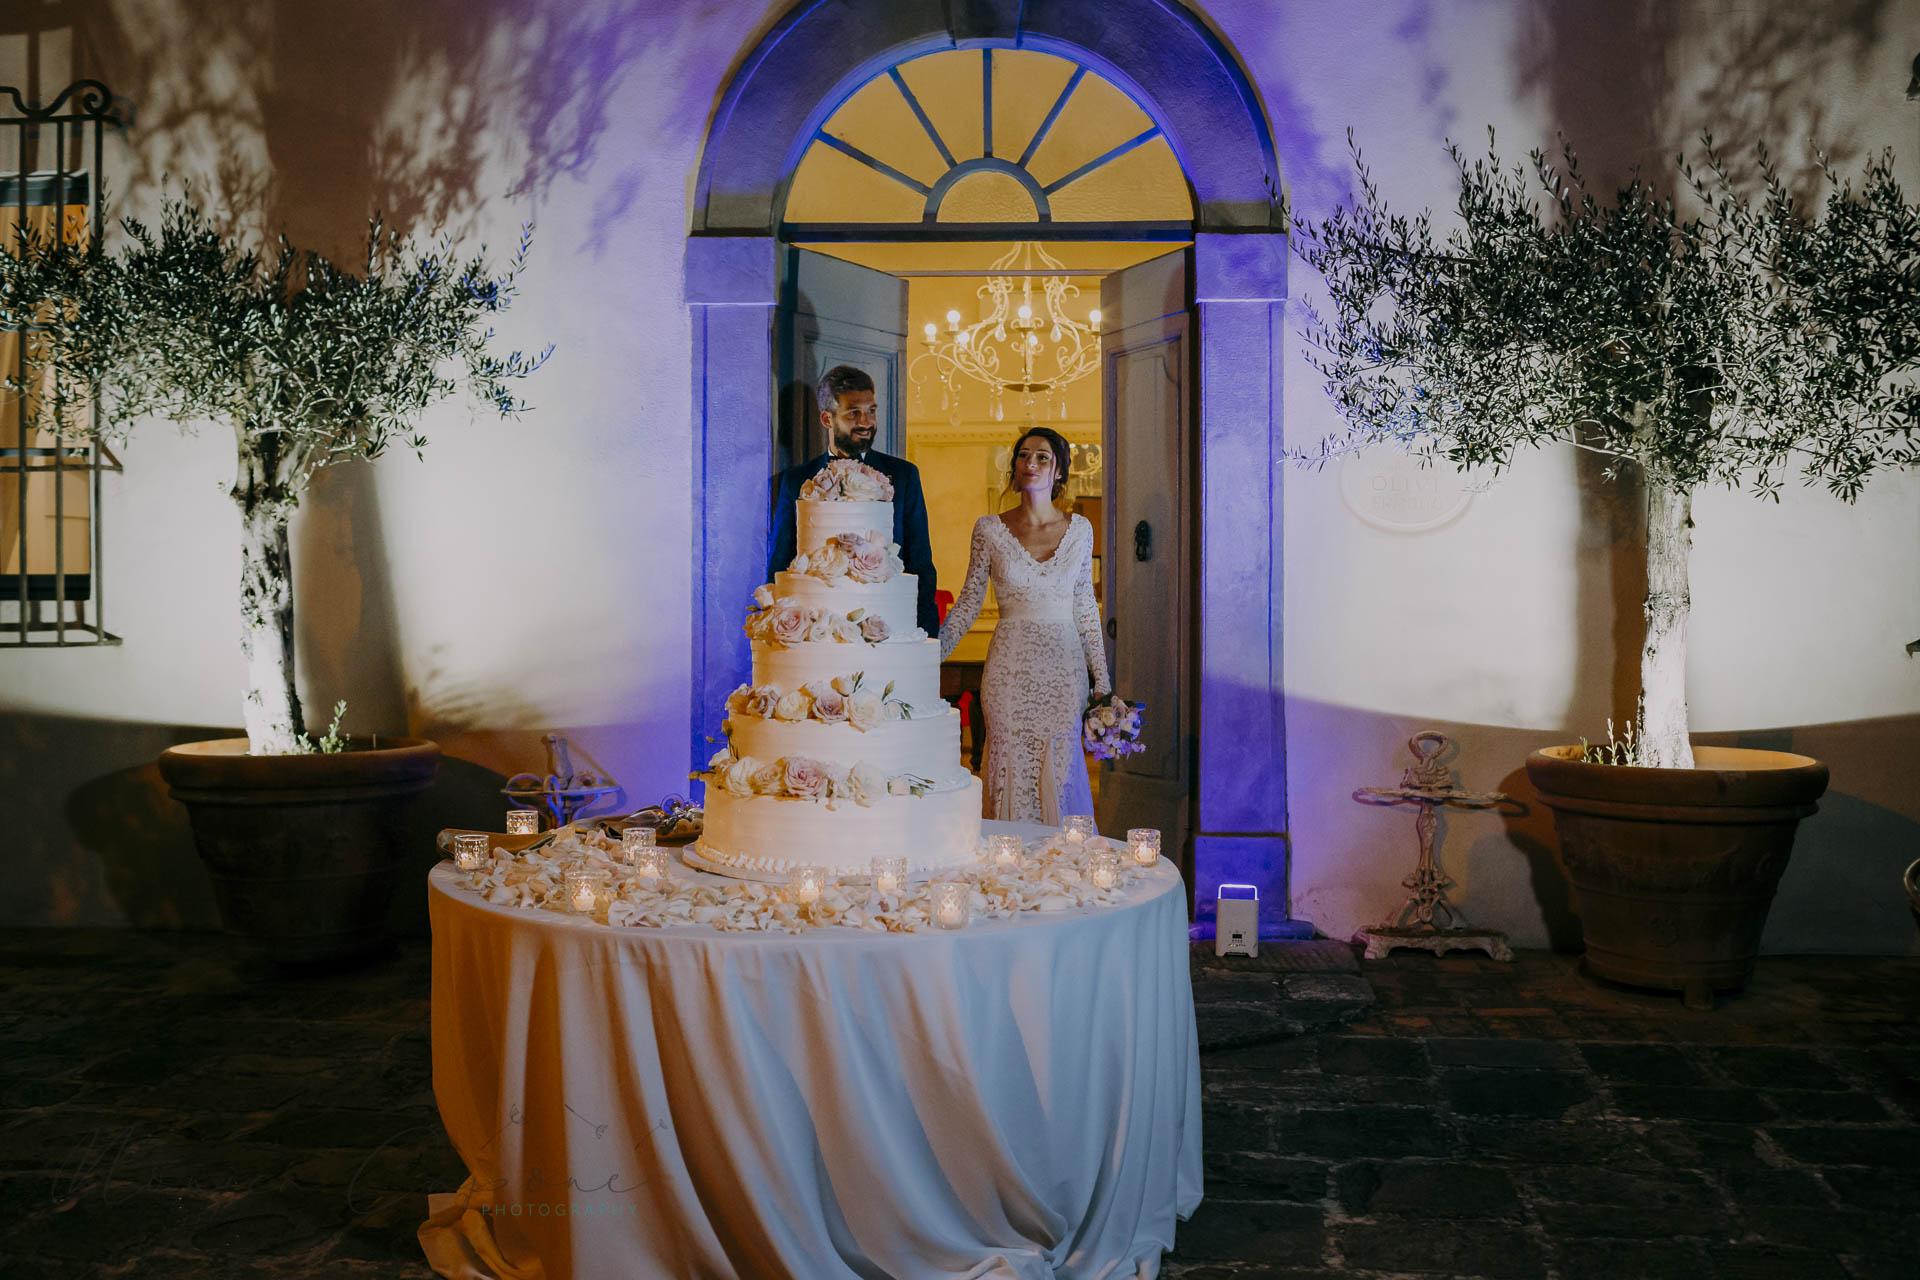 wedding-cake-in-tuscany